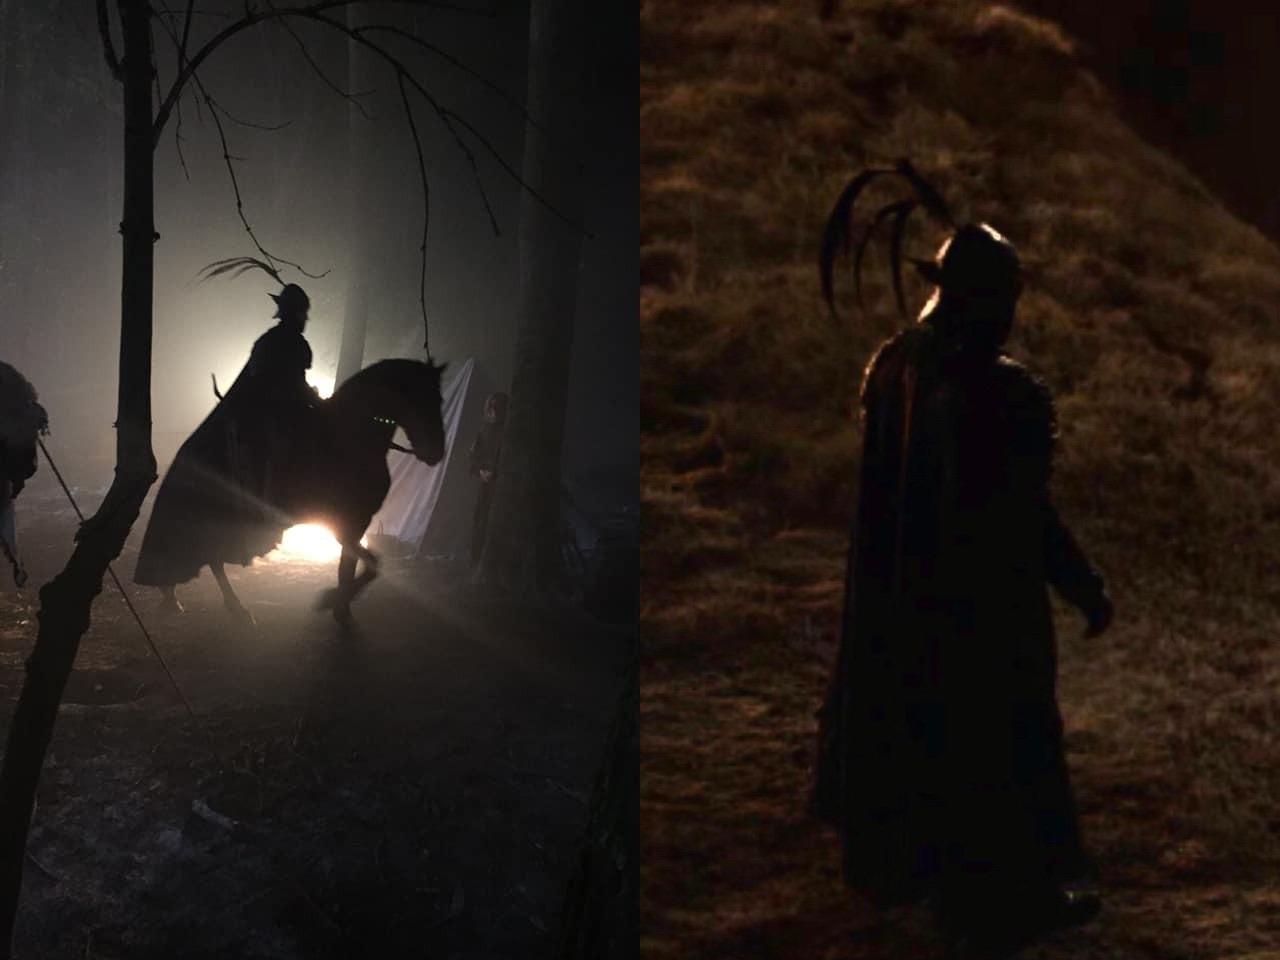 Сериал «Ведьмак» улучшил фанат и посрамил Netflix Ведьмак,Игры,фэндом